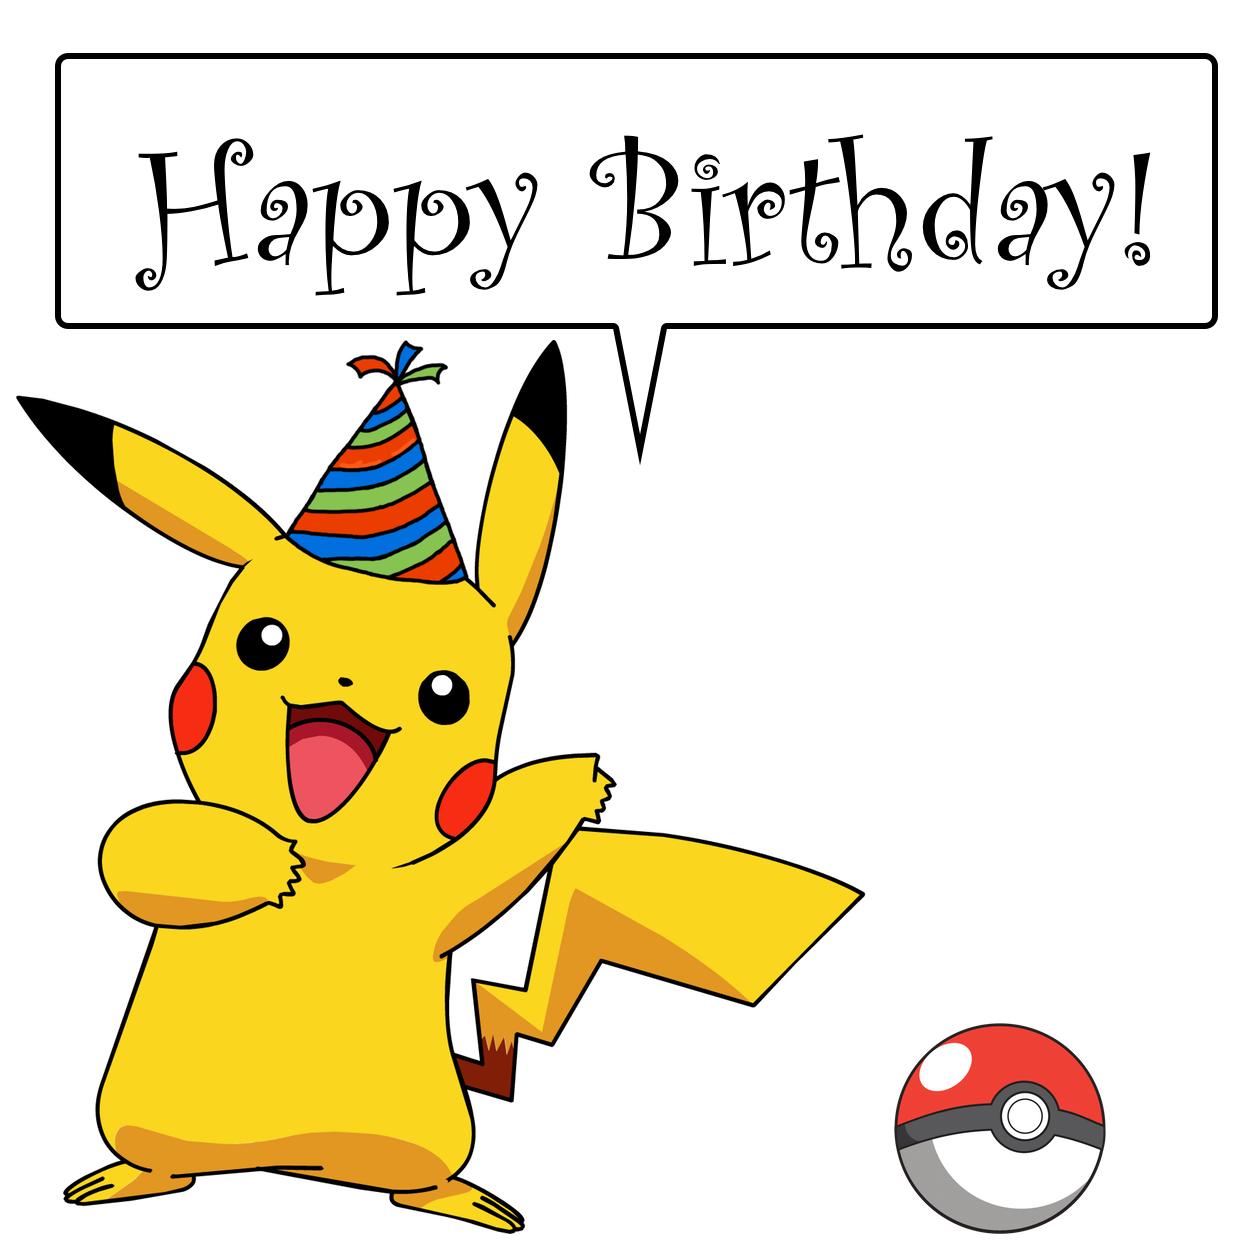 Today is ma b-day! Pikachu%20-%20Happy%20Birthday